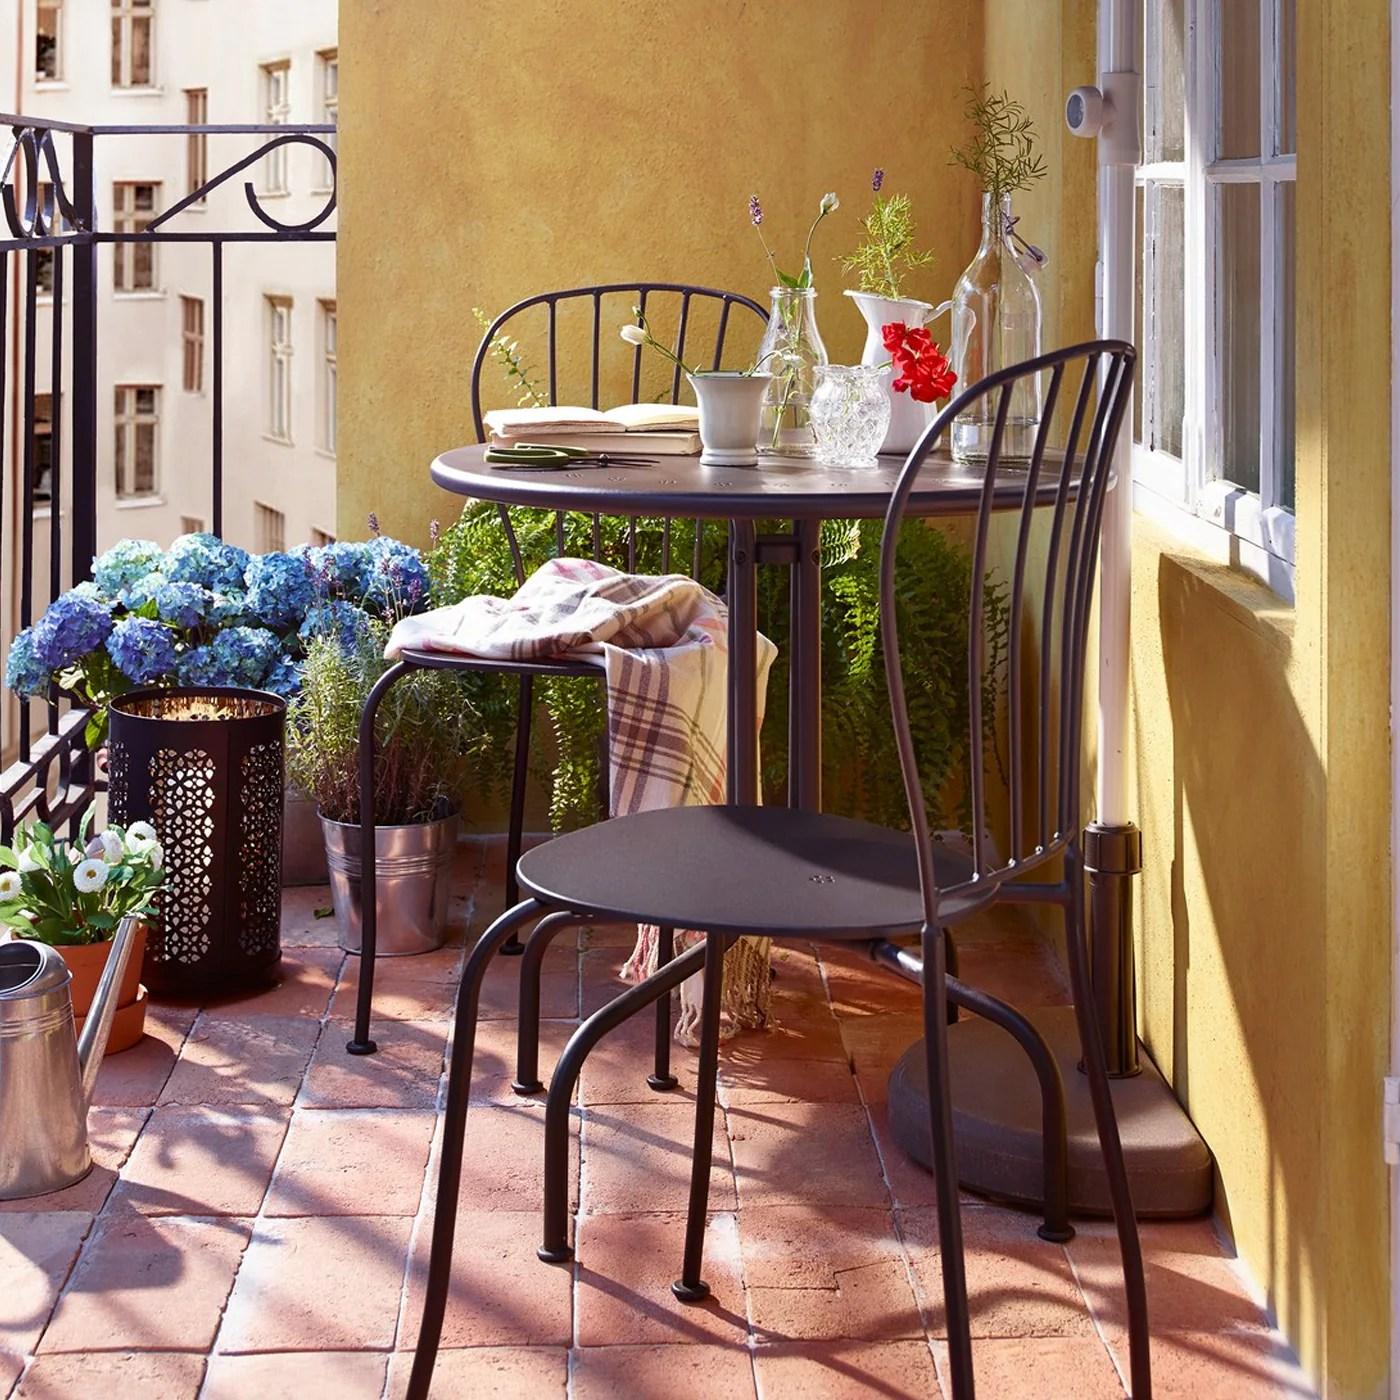 Balkonmöbel & Deko für kleinen Balkon   IKEA Österreich